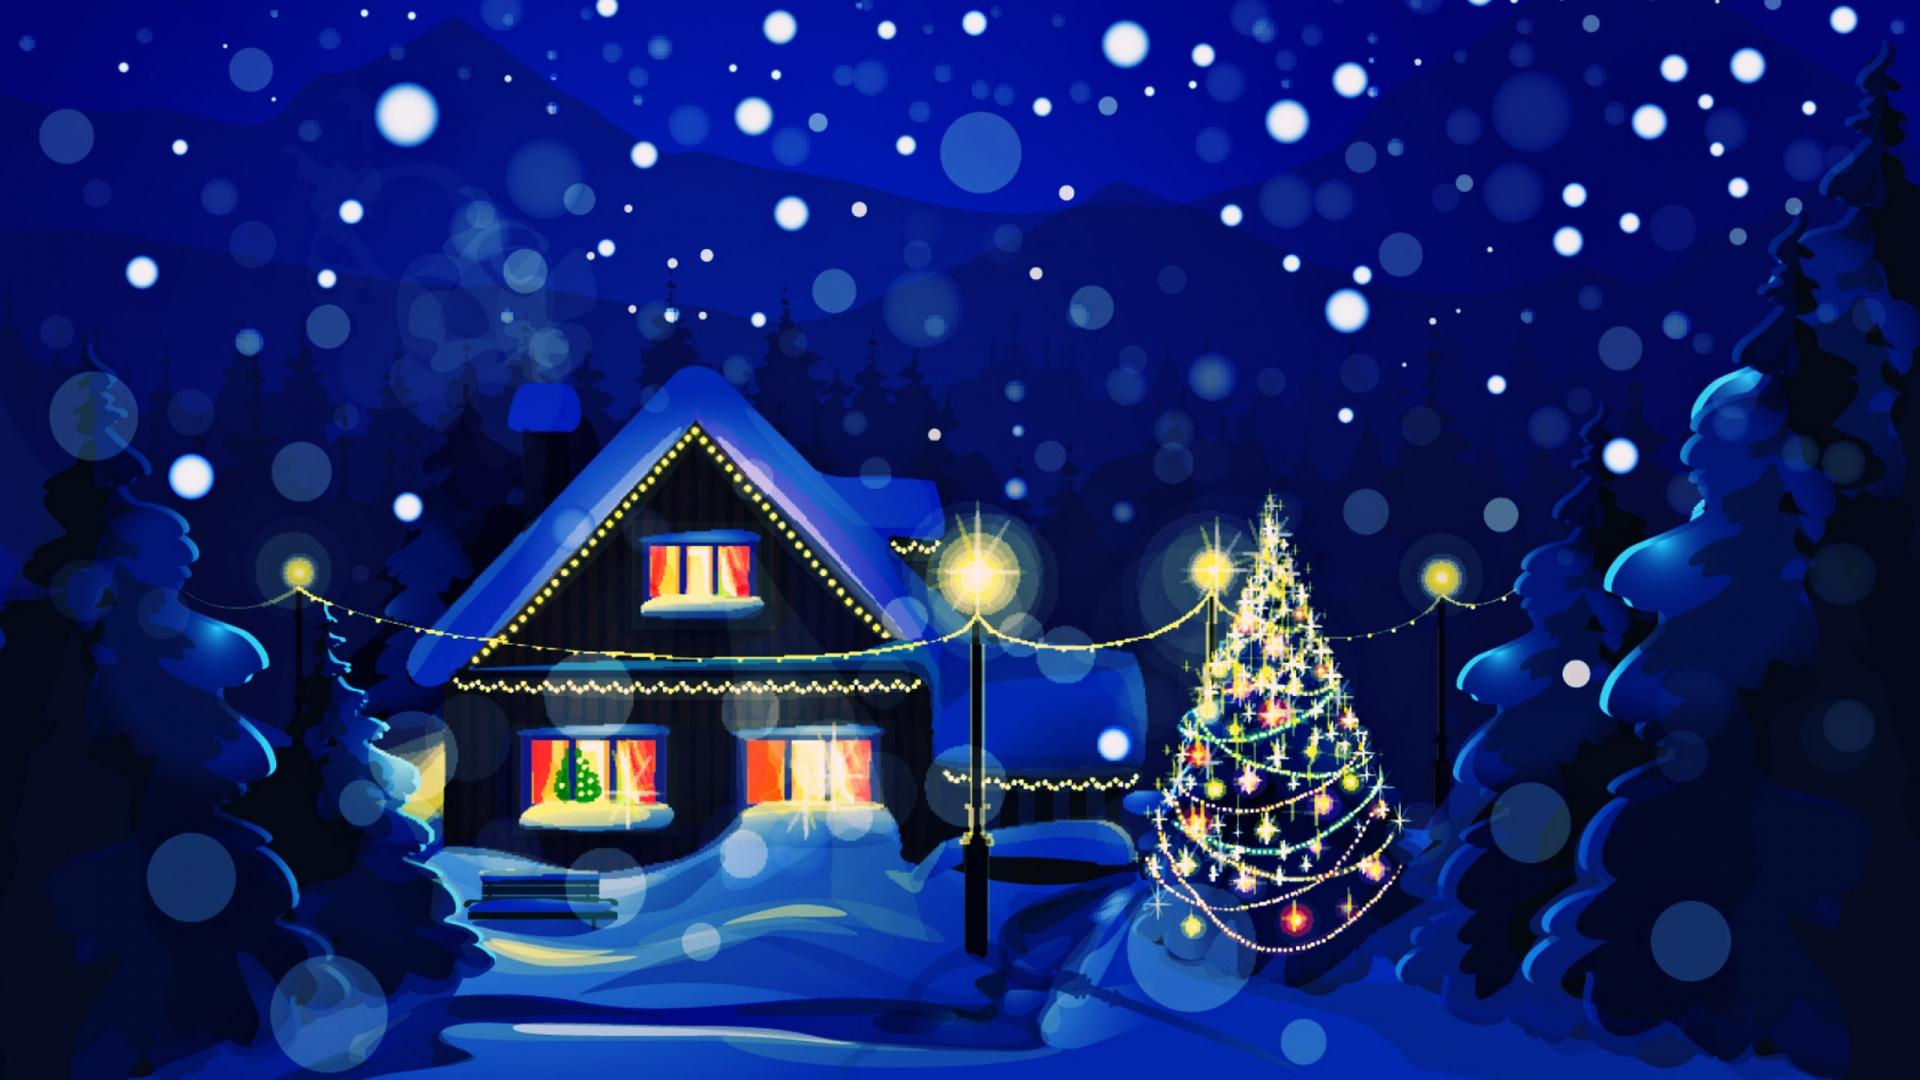 Christmas HD Wallpaper 1080p 1920x1080 - WallpaperSafari